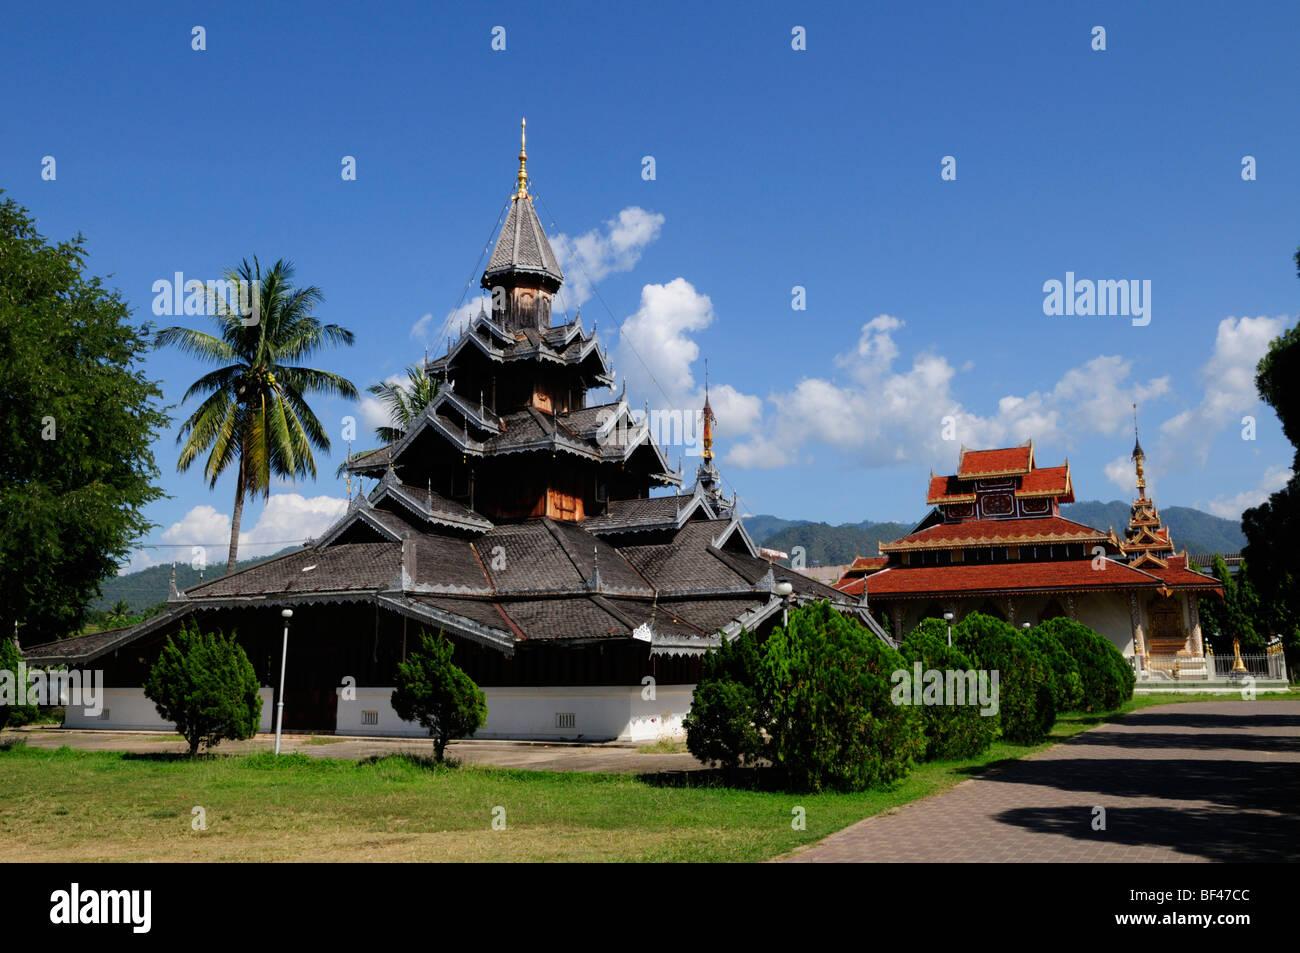 Thailand; Mae Hong Son; Wat Hua Wiang - Stock Image